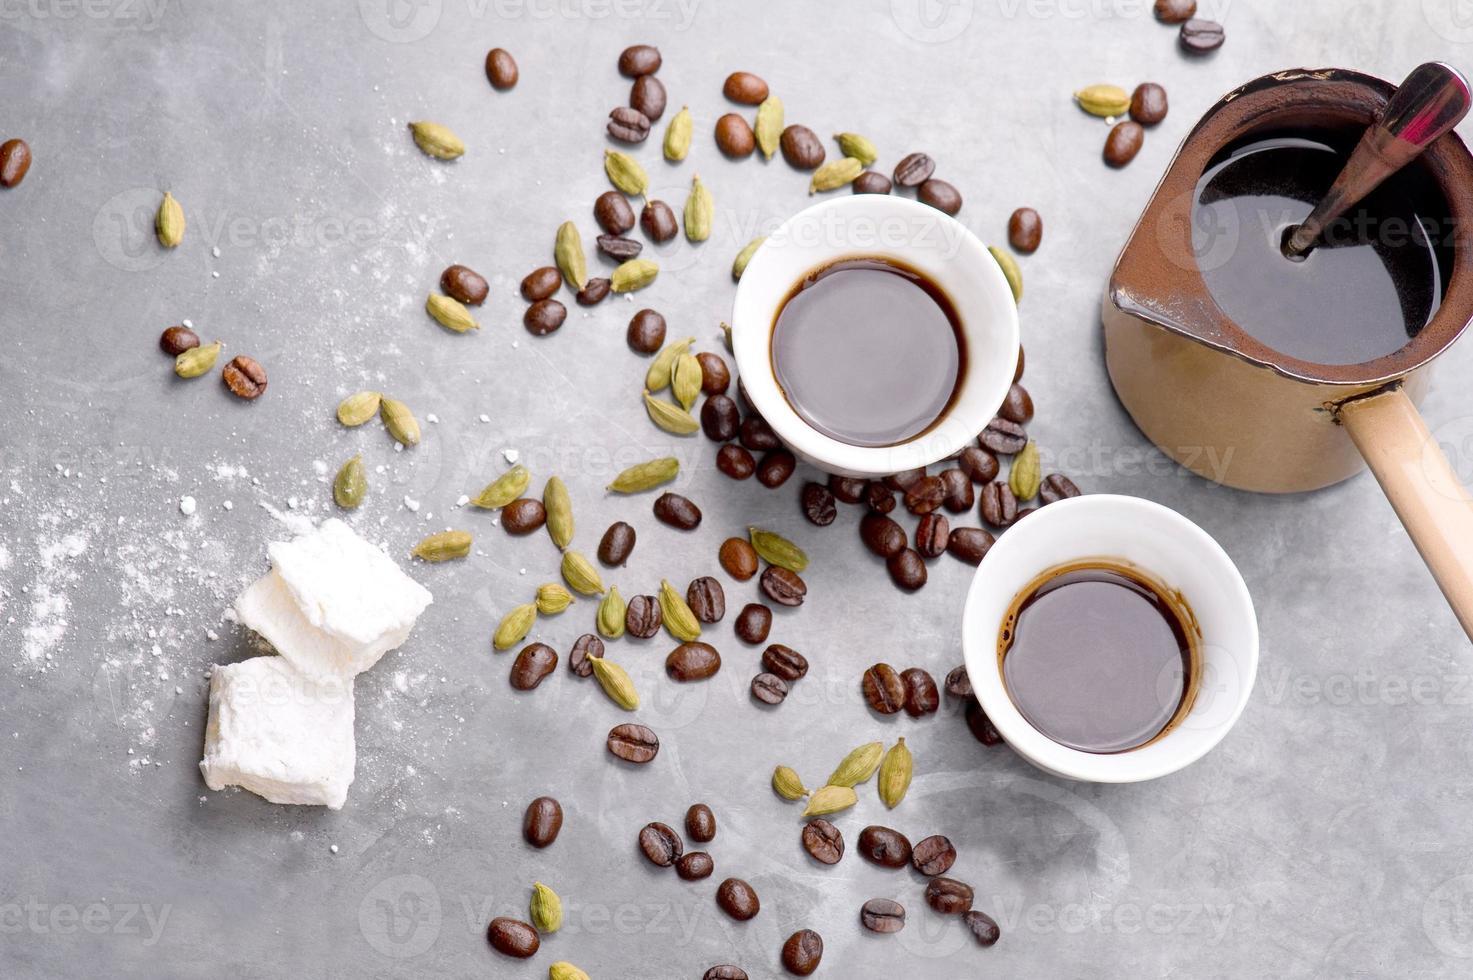 café turco con granos de café y cardamomo dispersos foto